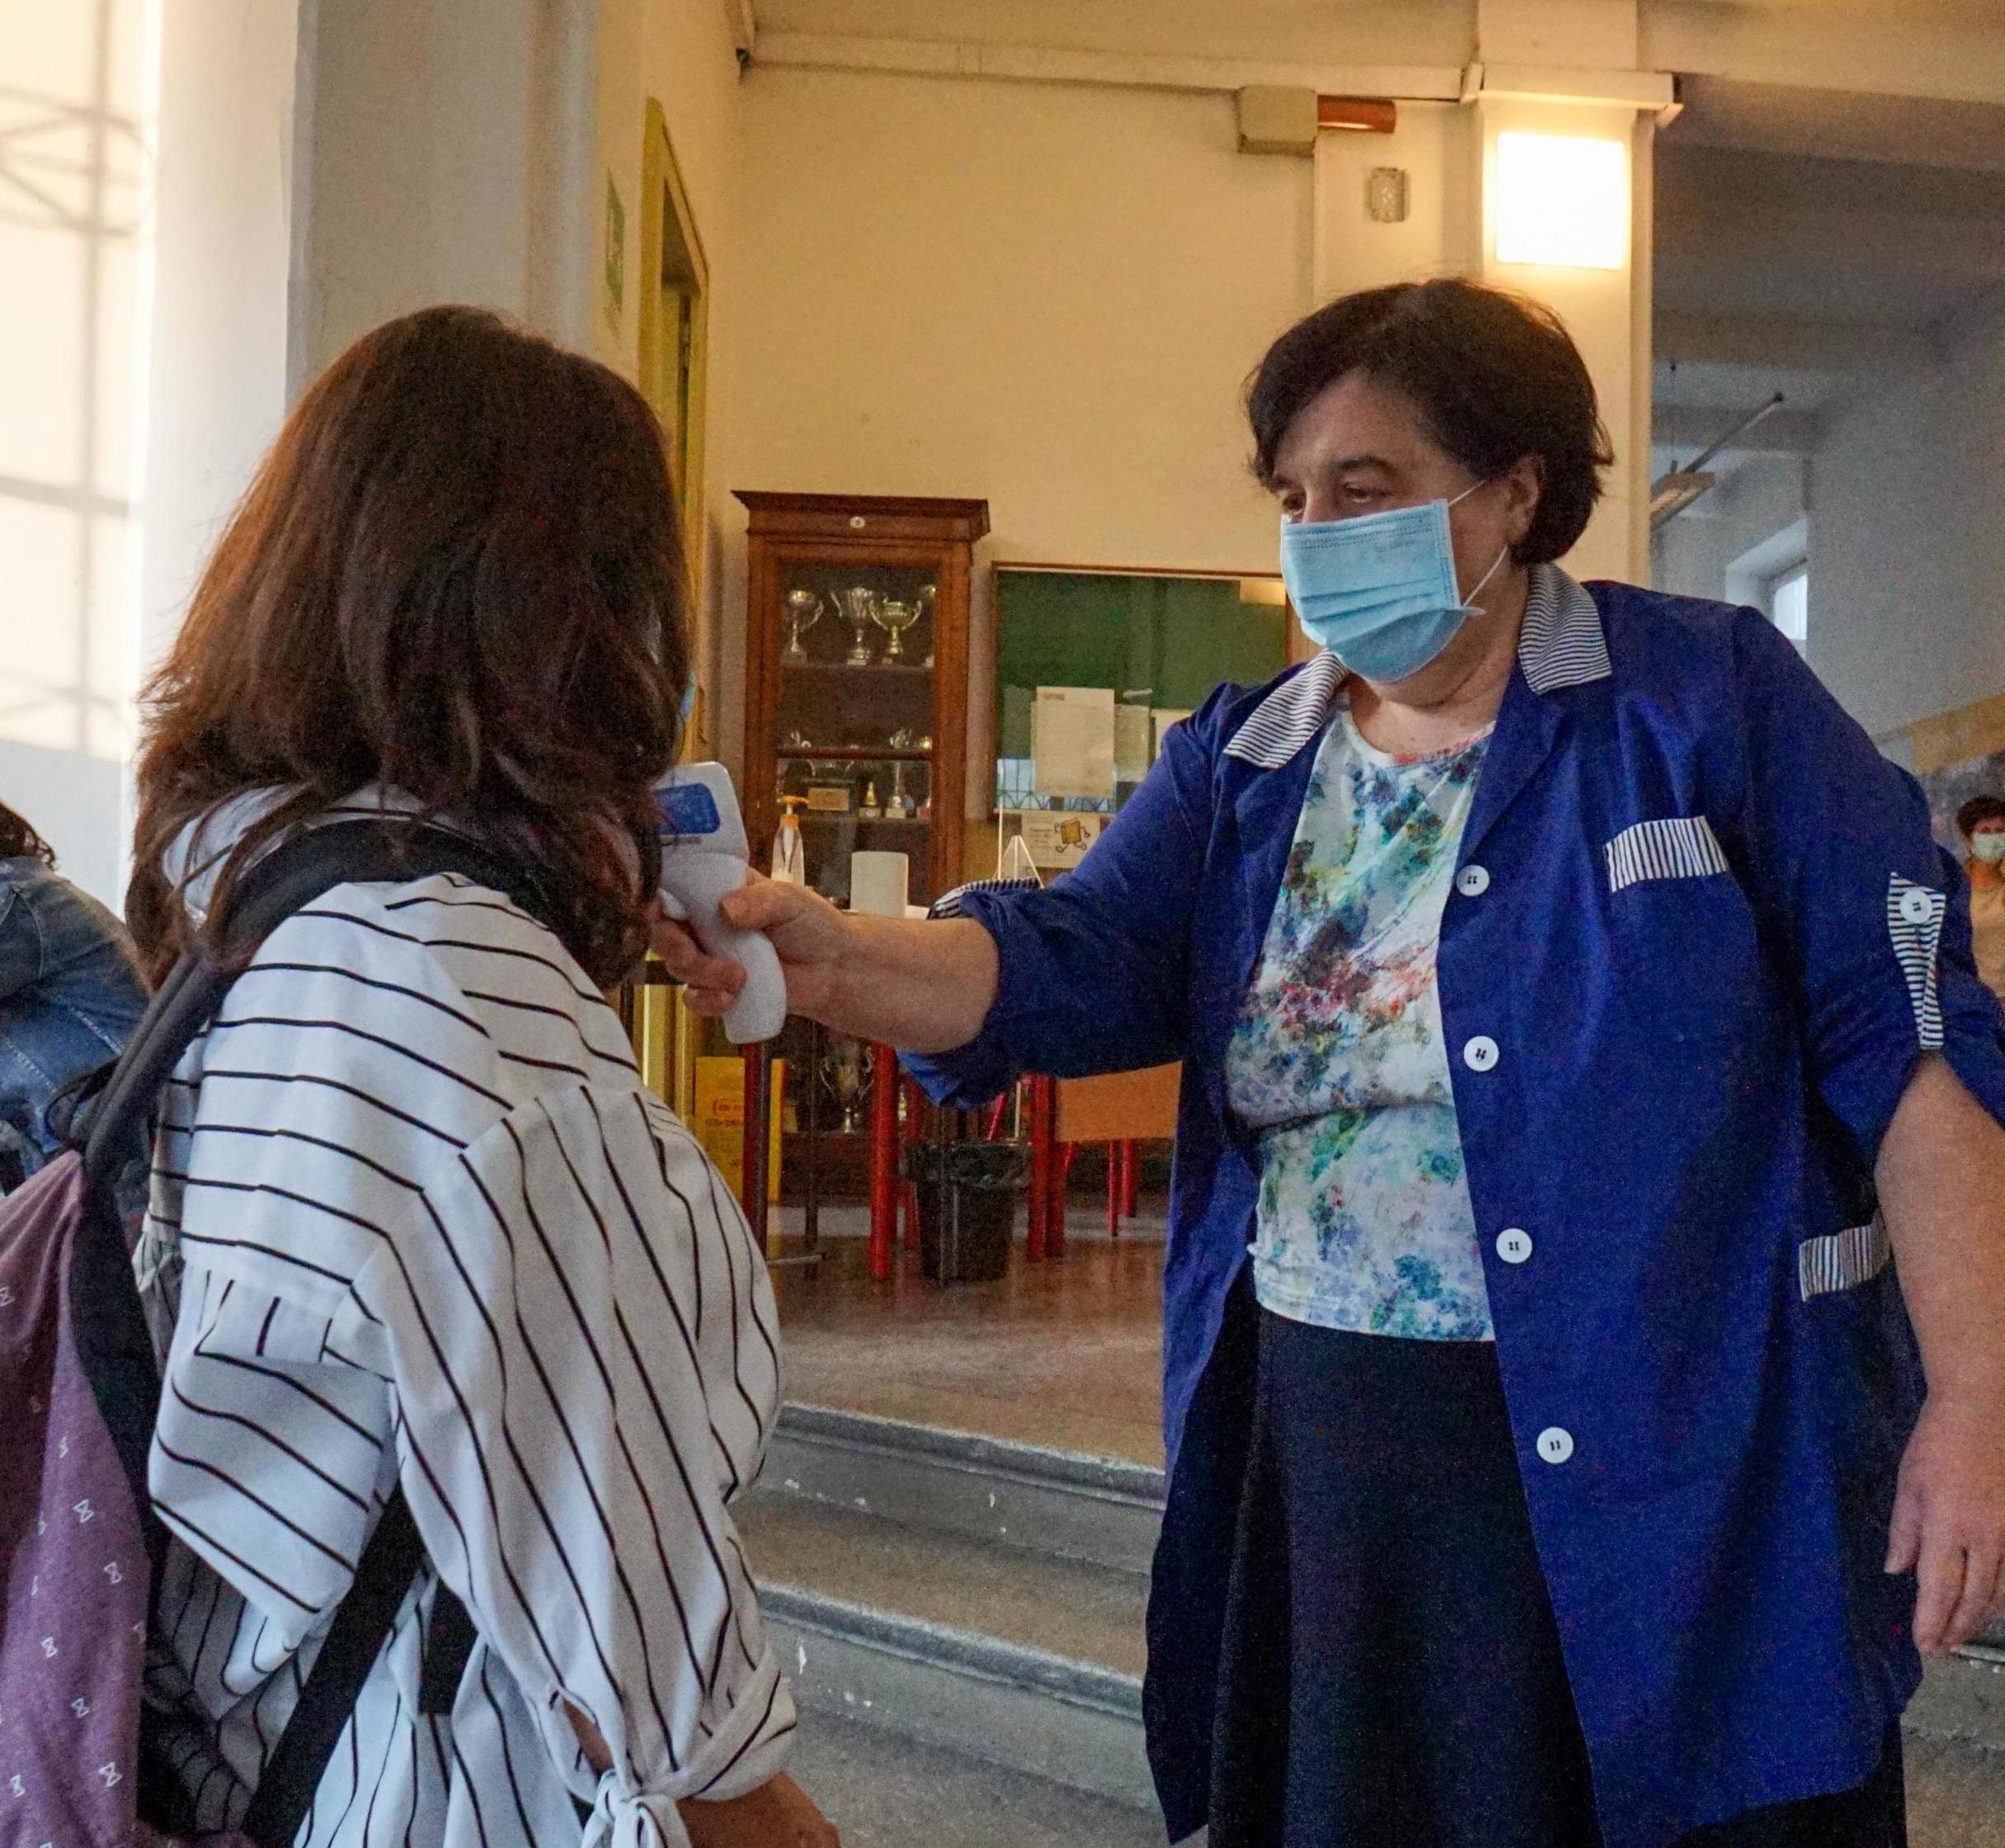 Palermo Da Lunedi Medici E Infermieri Nelle Scuole Appello Ai Presidi Niente Assembramenti Agli Ingressi Giornale Di Sicilia